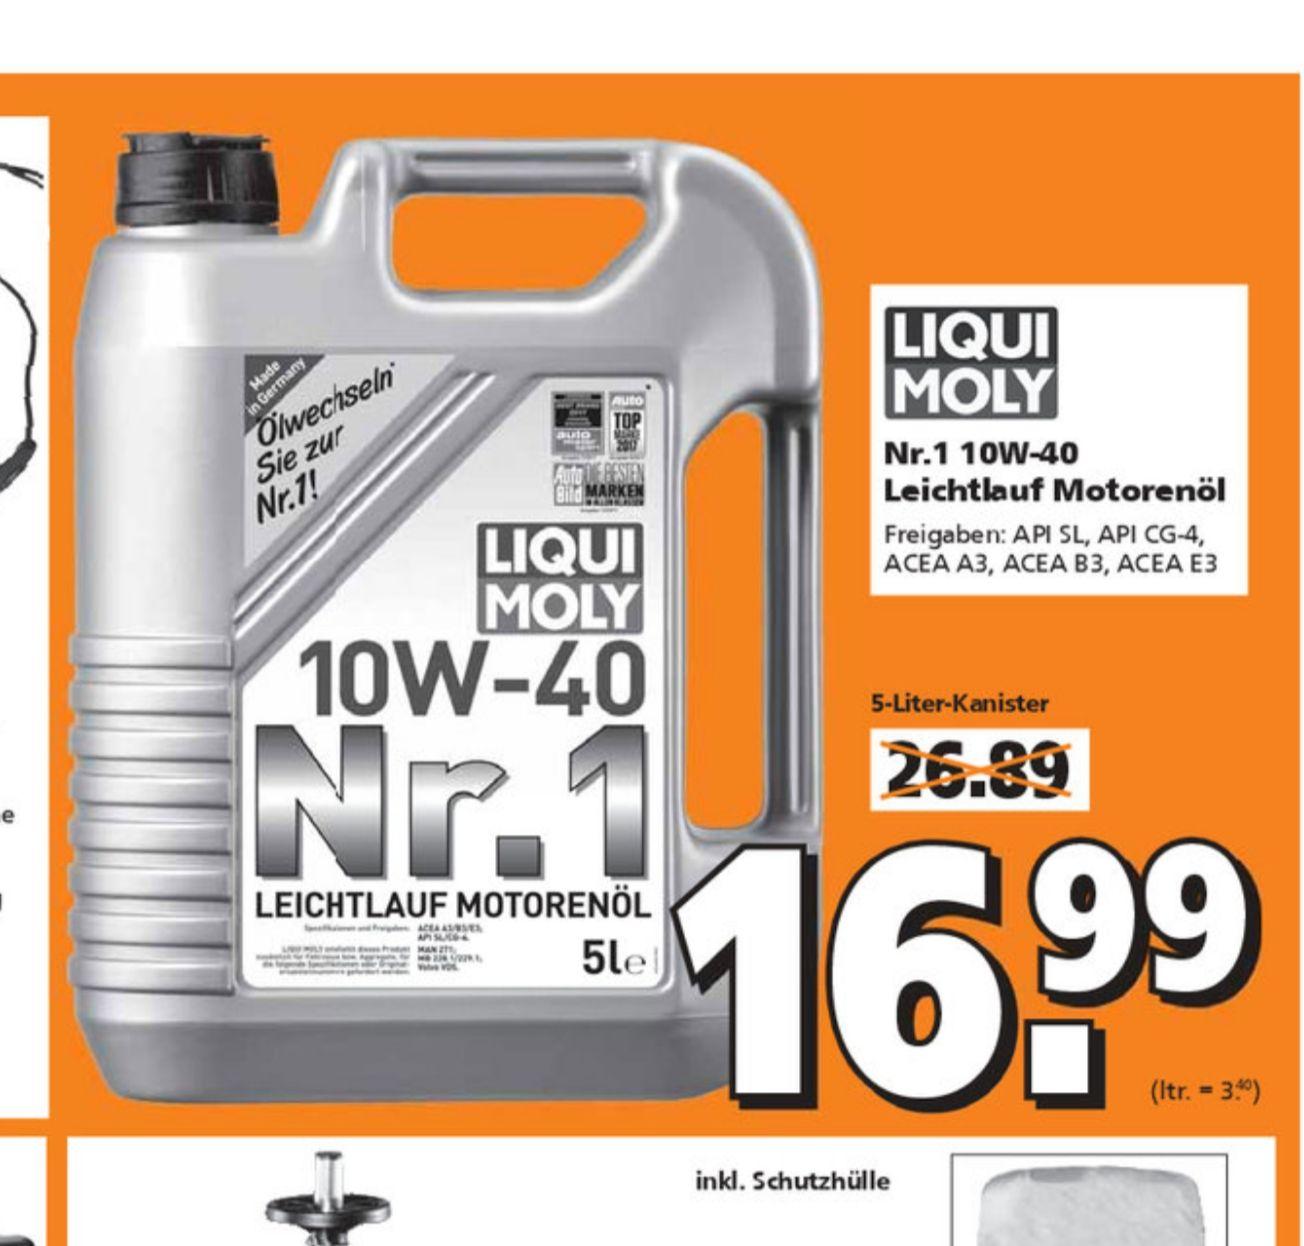 Leichtlauf Motorenöl LIQUI MOLY 10W40